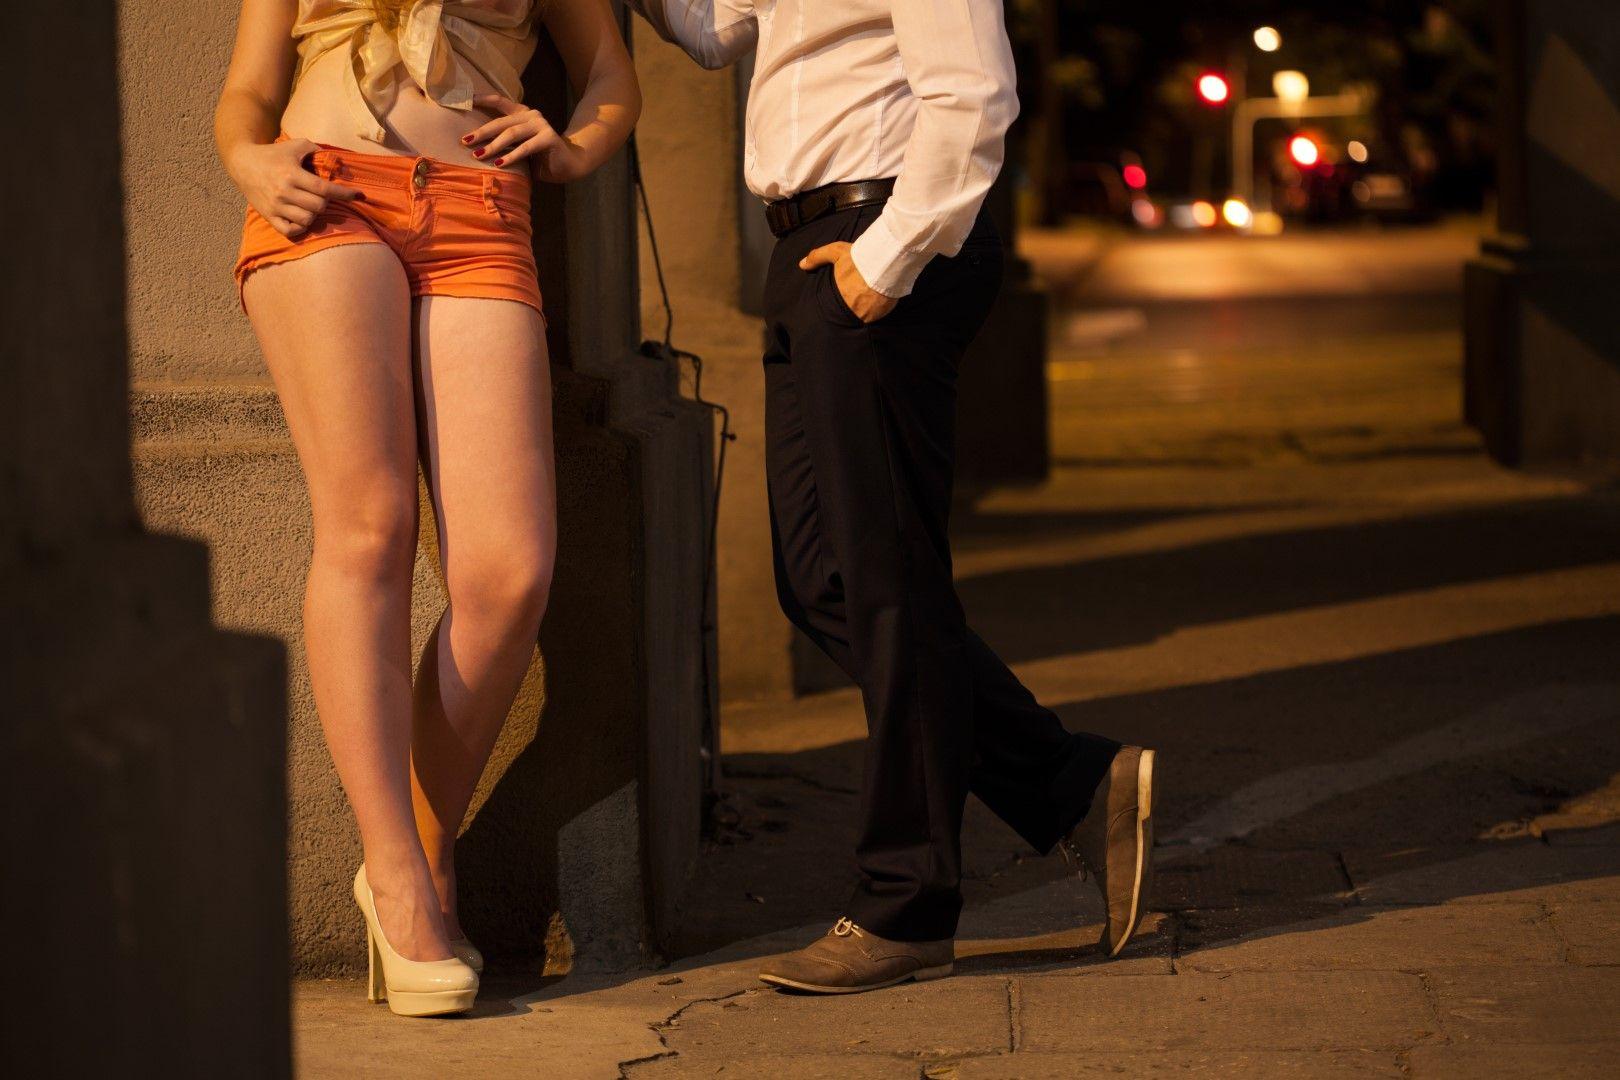 Хиляди момичета от Видин, Силистра, Казанлък са секс работници в Лондон